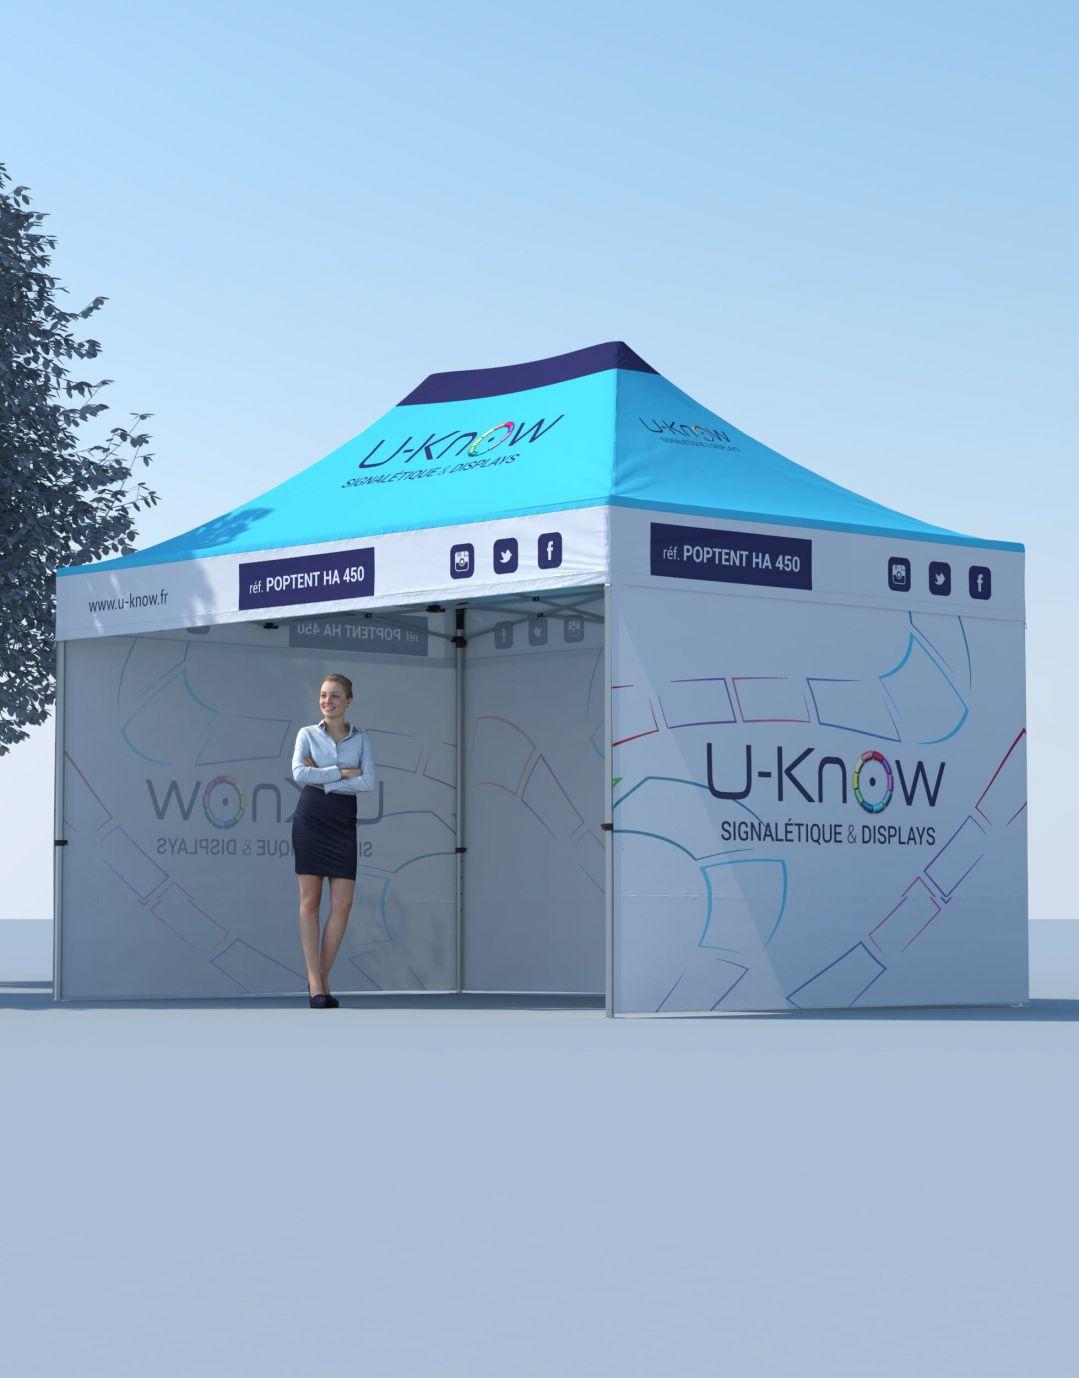 Tente Aluminium dépliante personnalisée 4,5X3M POPTENT HA 450 - U-KNOW